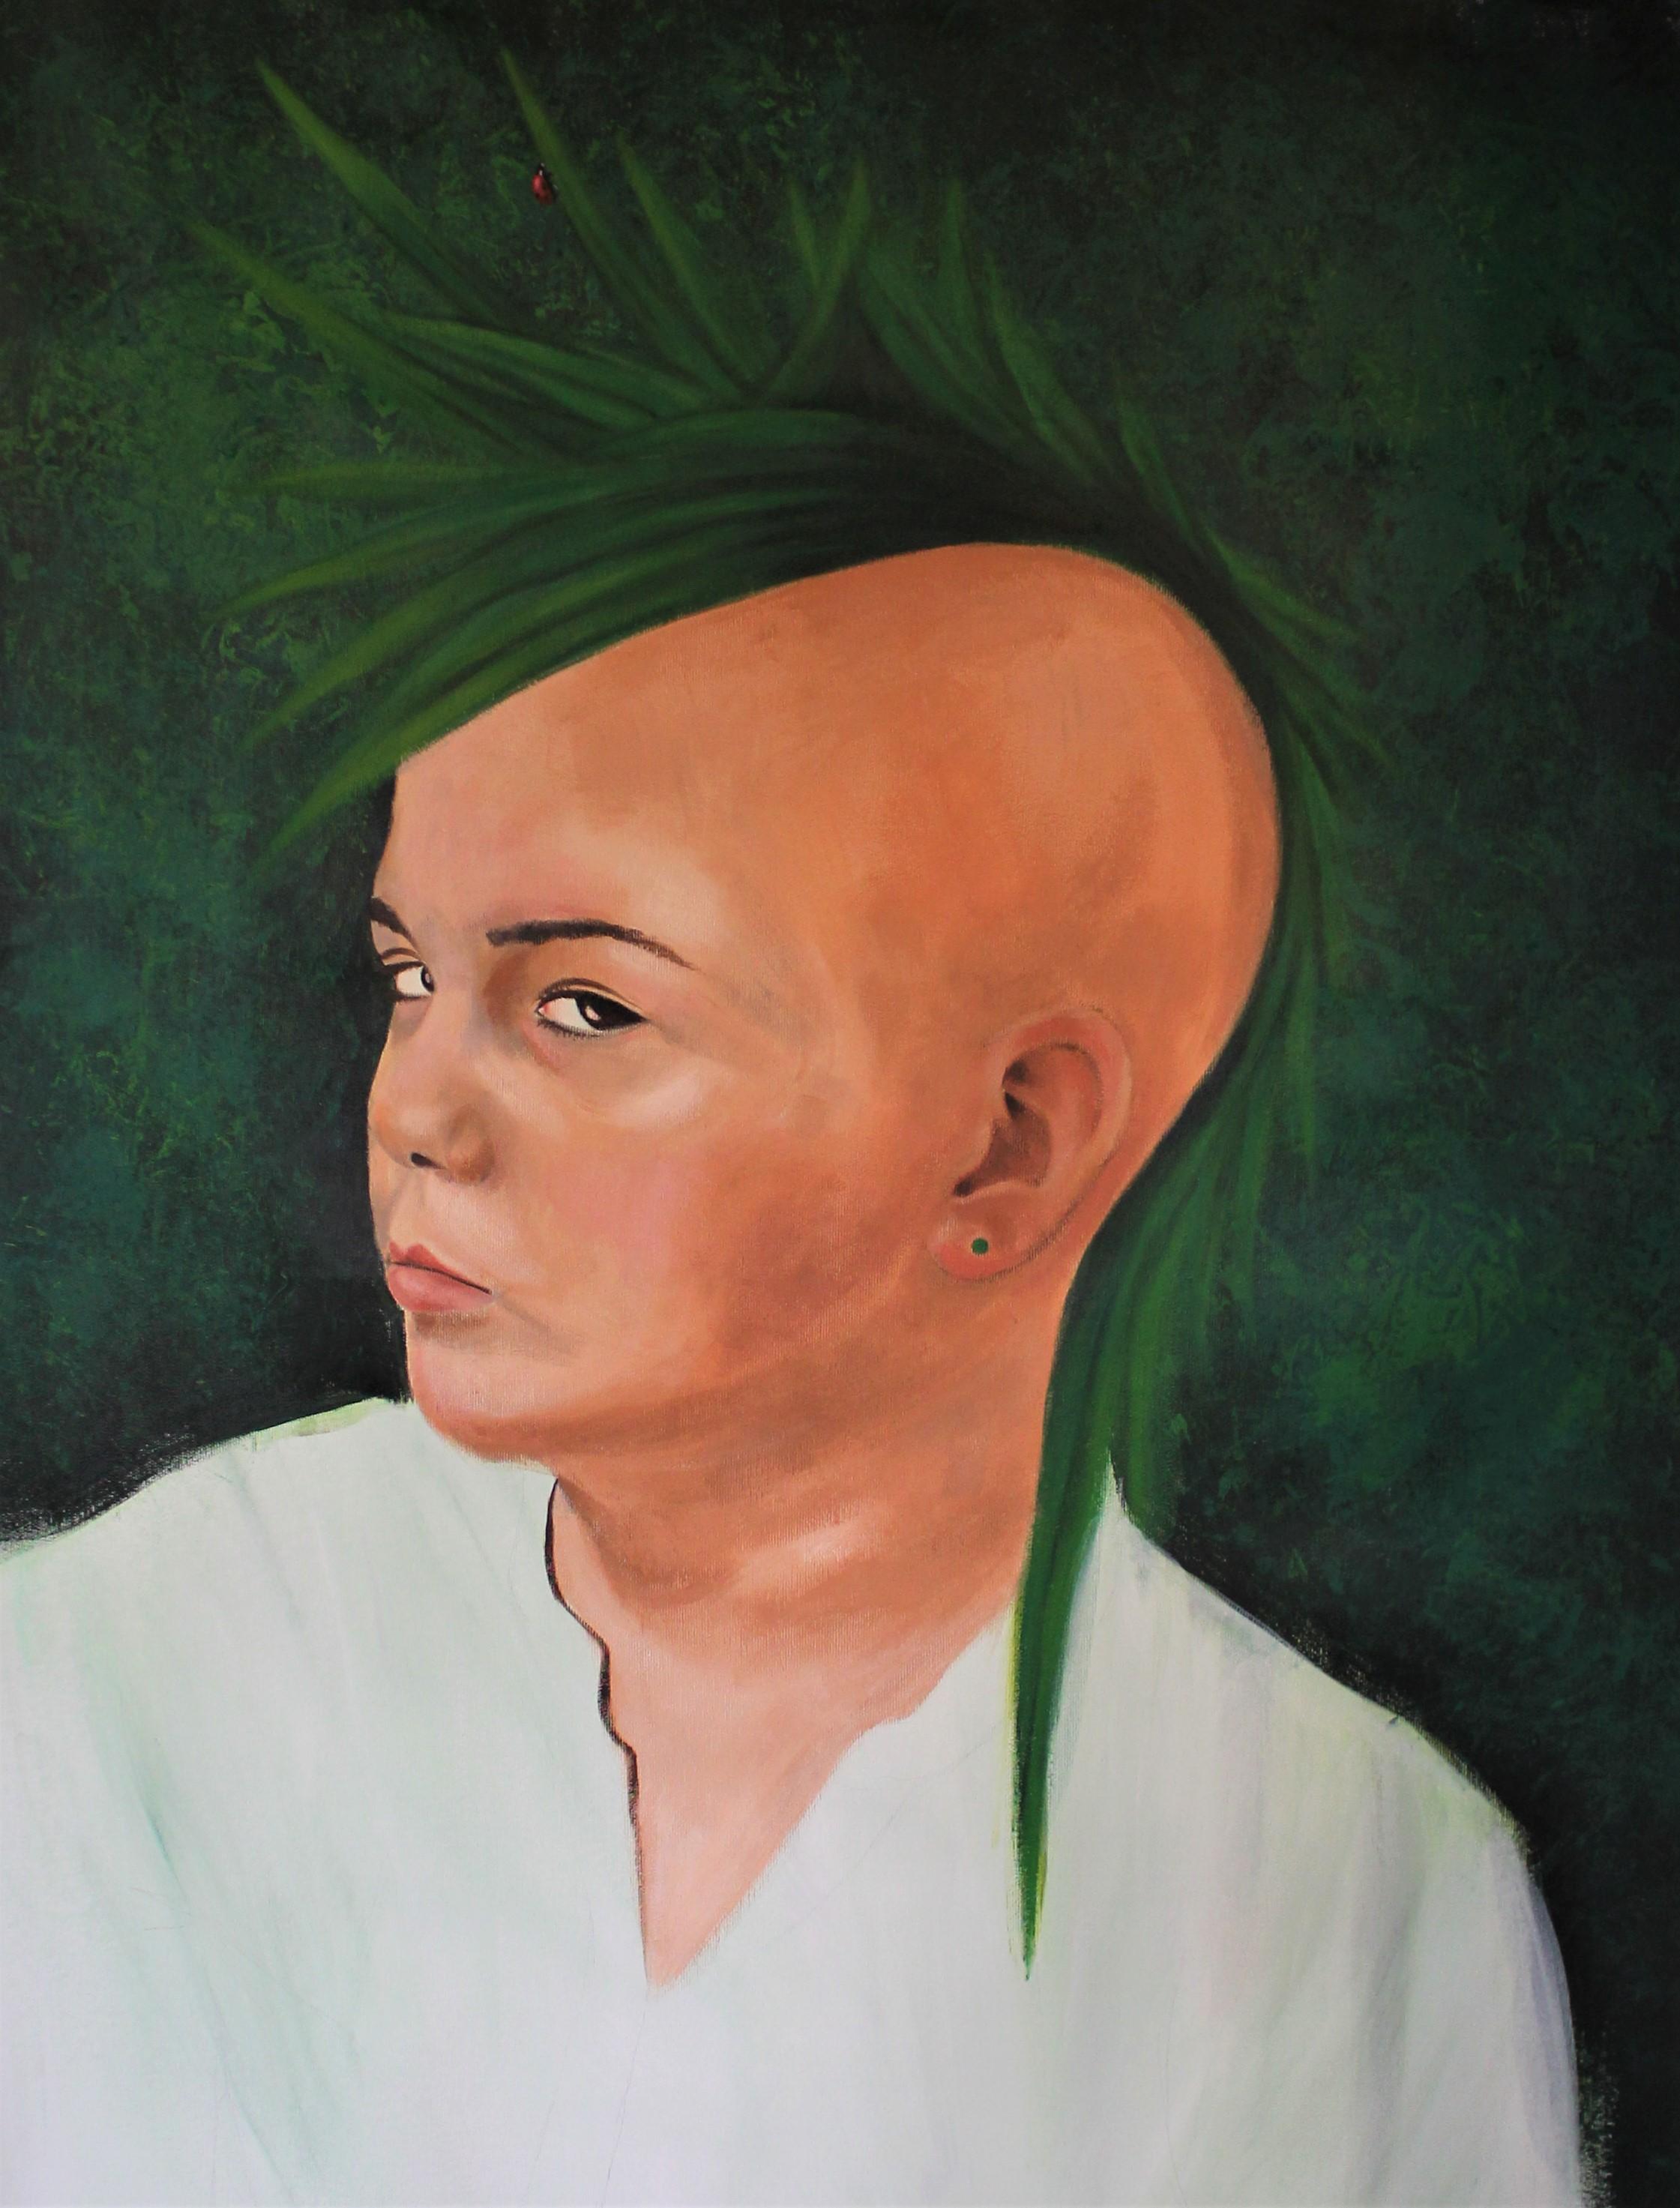 The green rebel II